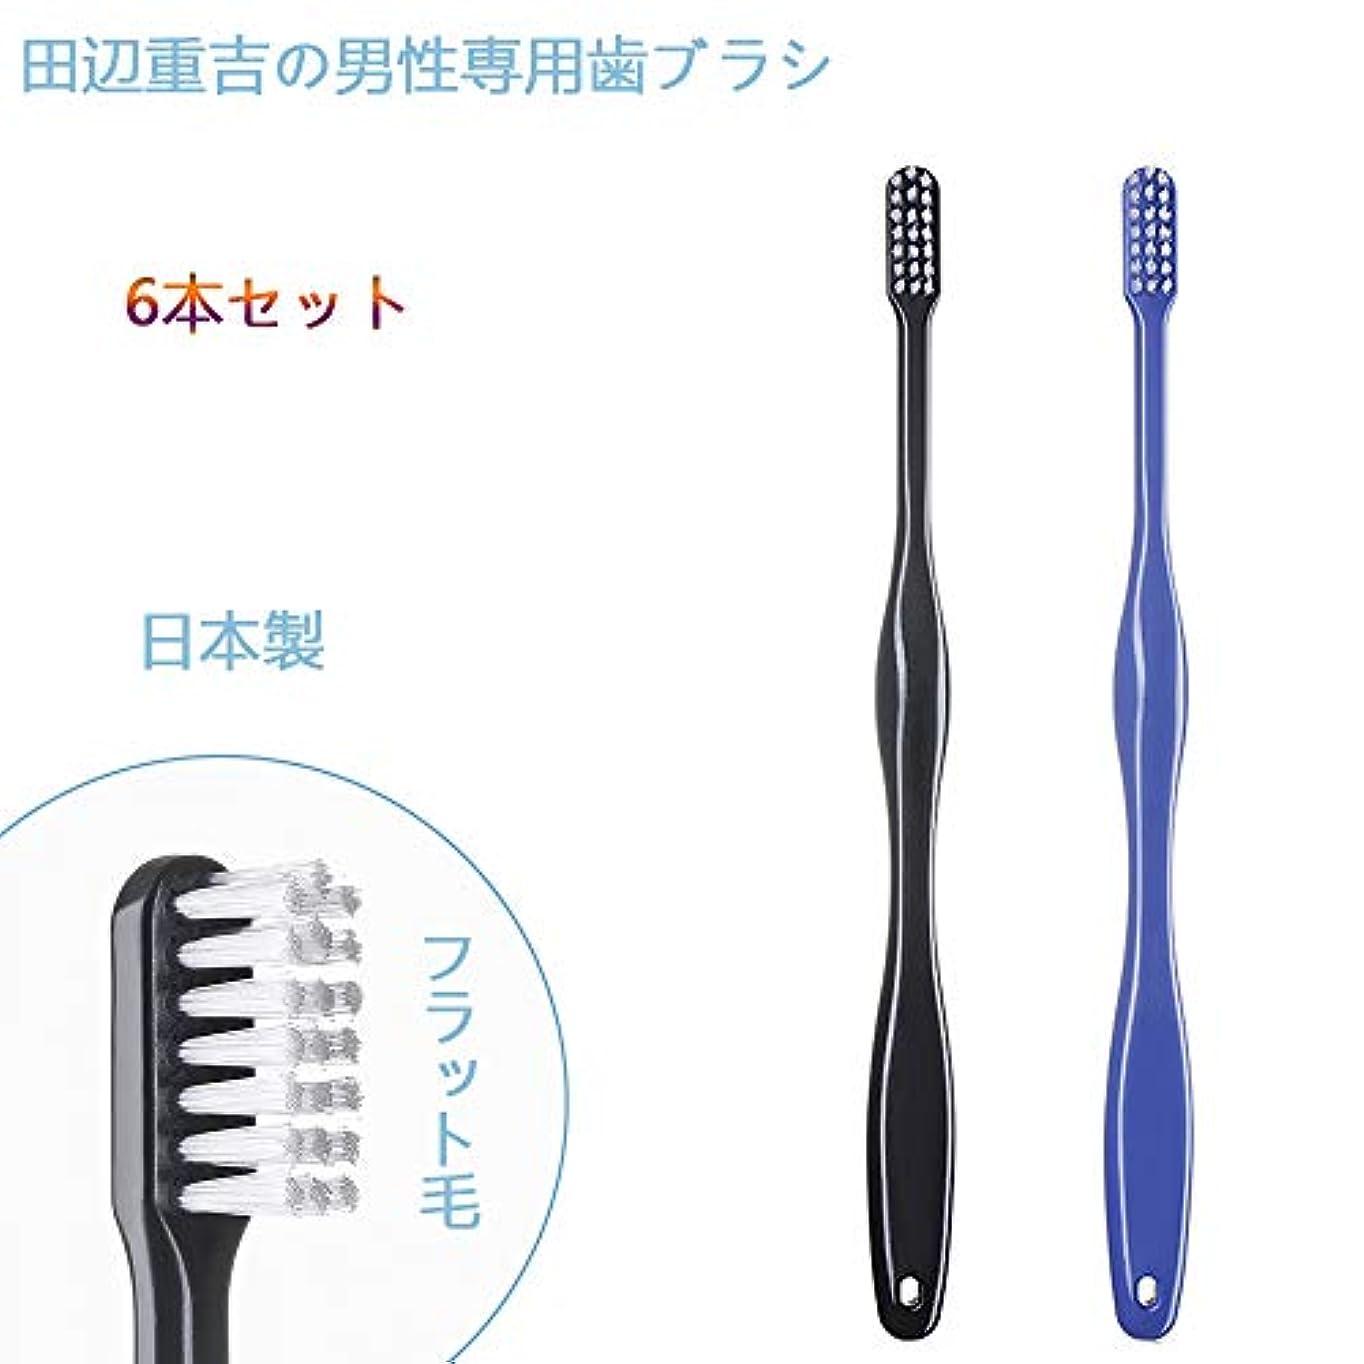 トレーダーアドバンテージコーヒー歯ブラシ職人 Artooth ® 田辺重吉の磨きやすい 男性専用 歯ブラシ MEN' S 日本製 耐久性UP 6本セットLT-08(色おまかせ)